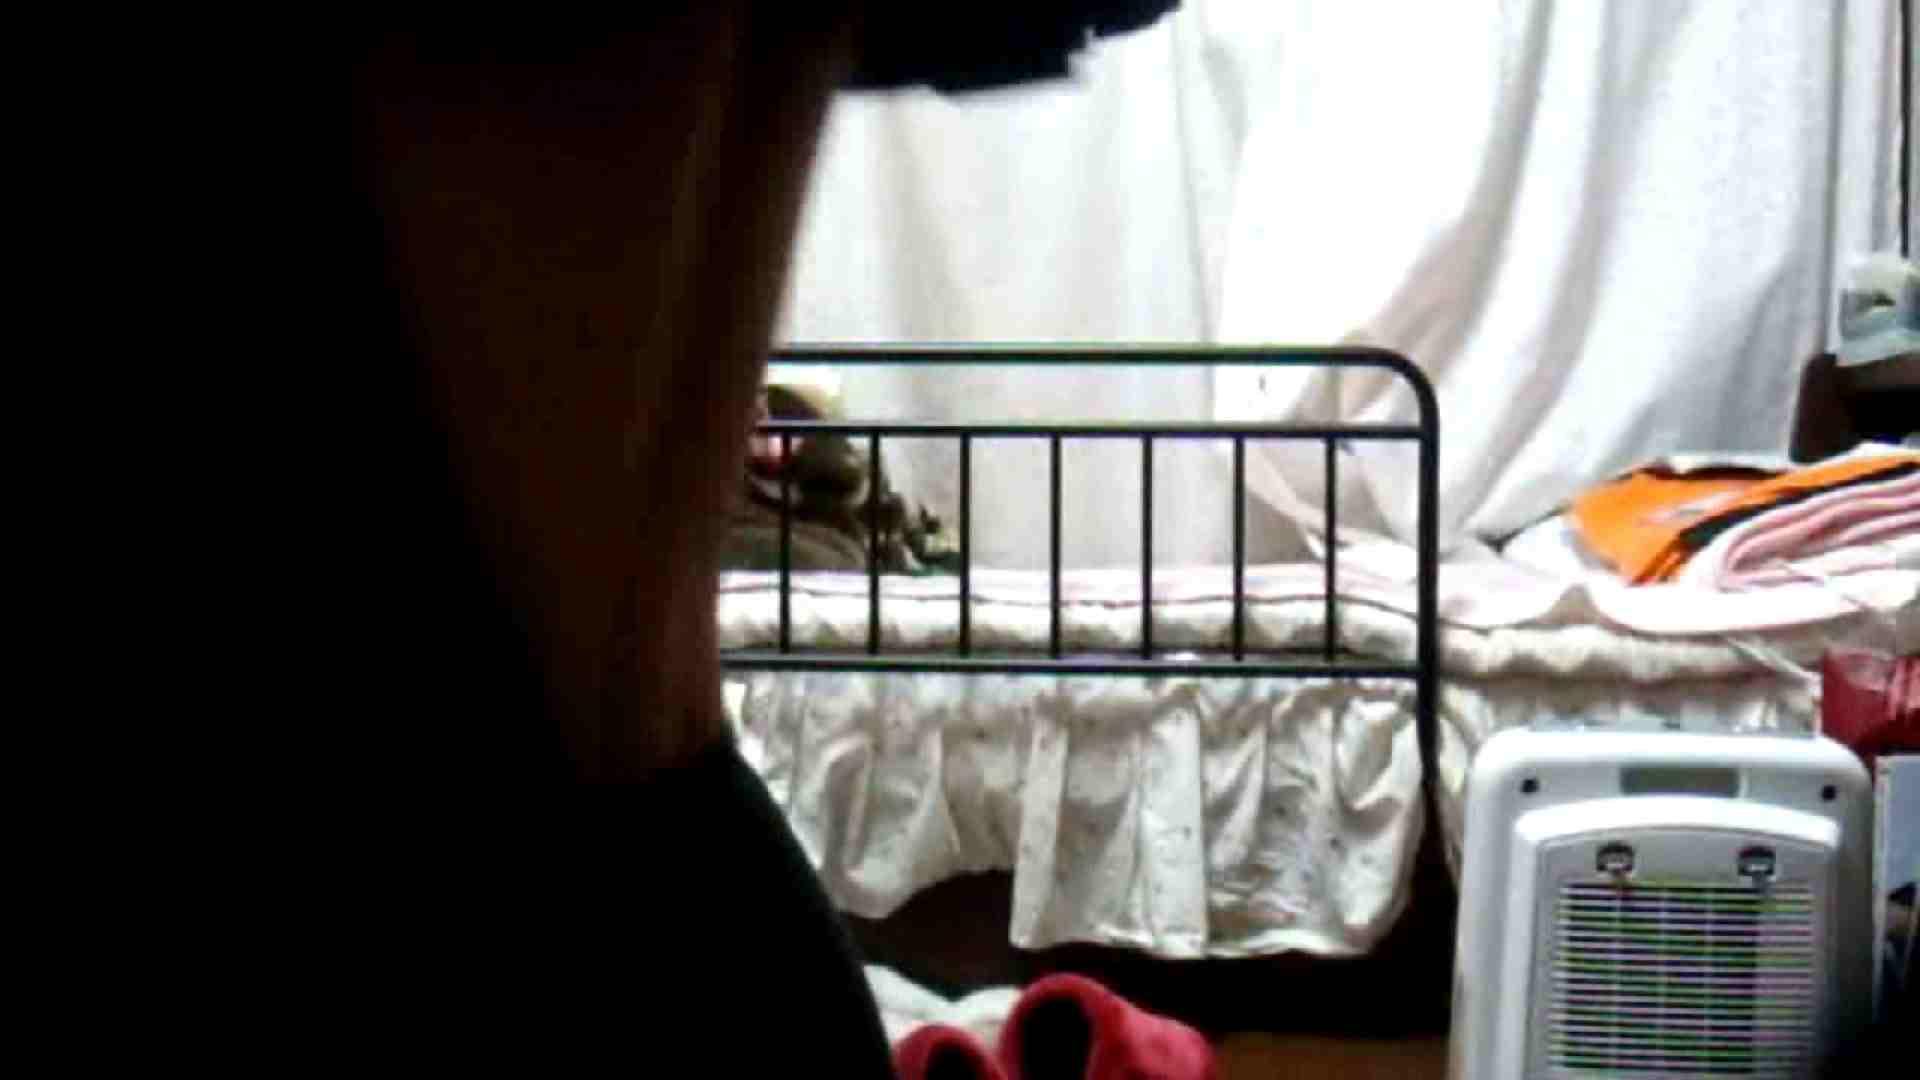 vol.4 まどかの帰宅後の部屋、ベッドで何かが始まります。 ギャル攻め | オナニーシーン  100画像 25